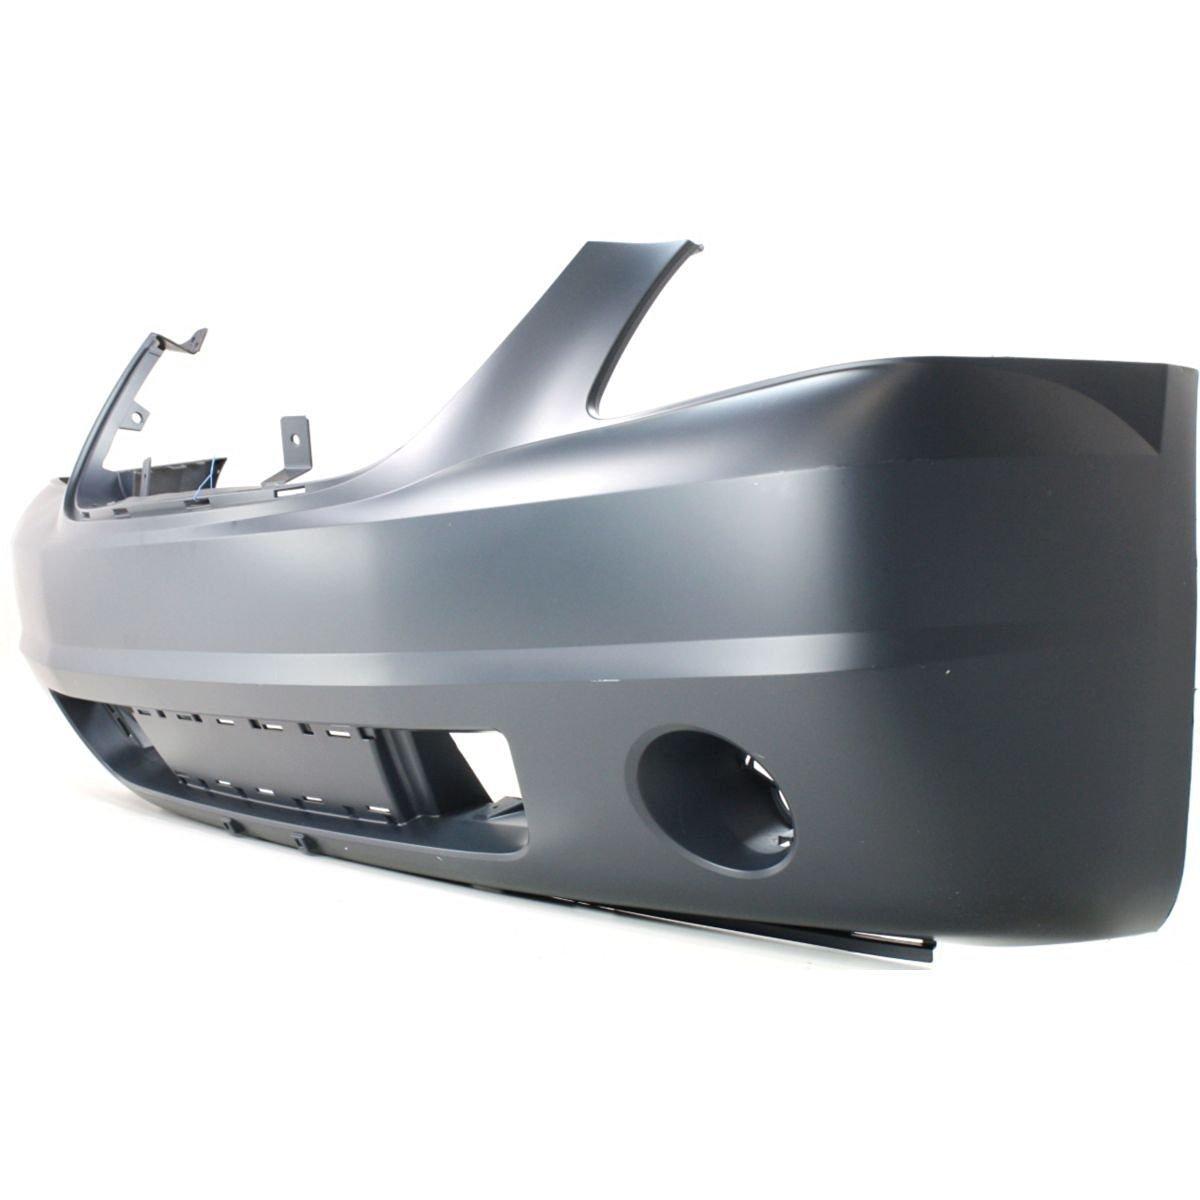 Diften 105-A5232-X01 - CAPA Bumper Cover Facial Front Primered Yukon GMC XL 1500 GM1000818C 25890766